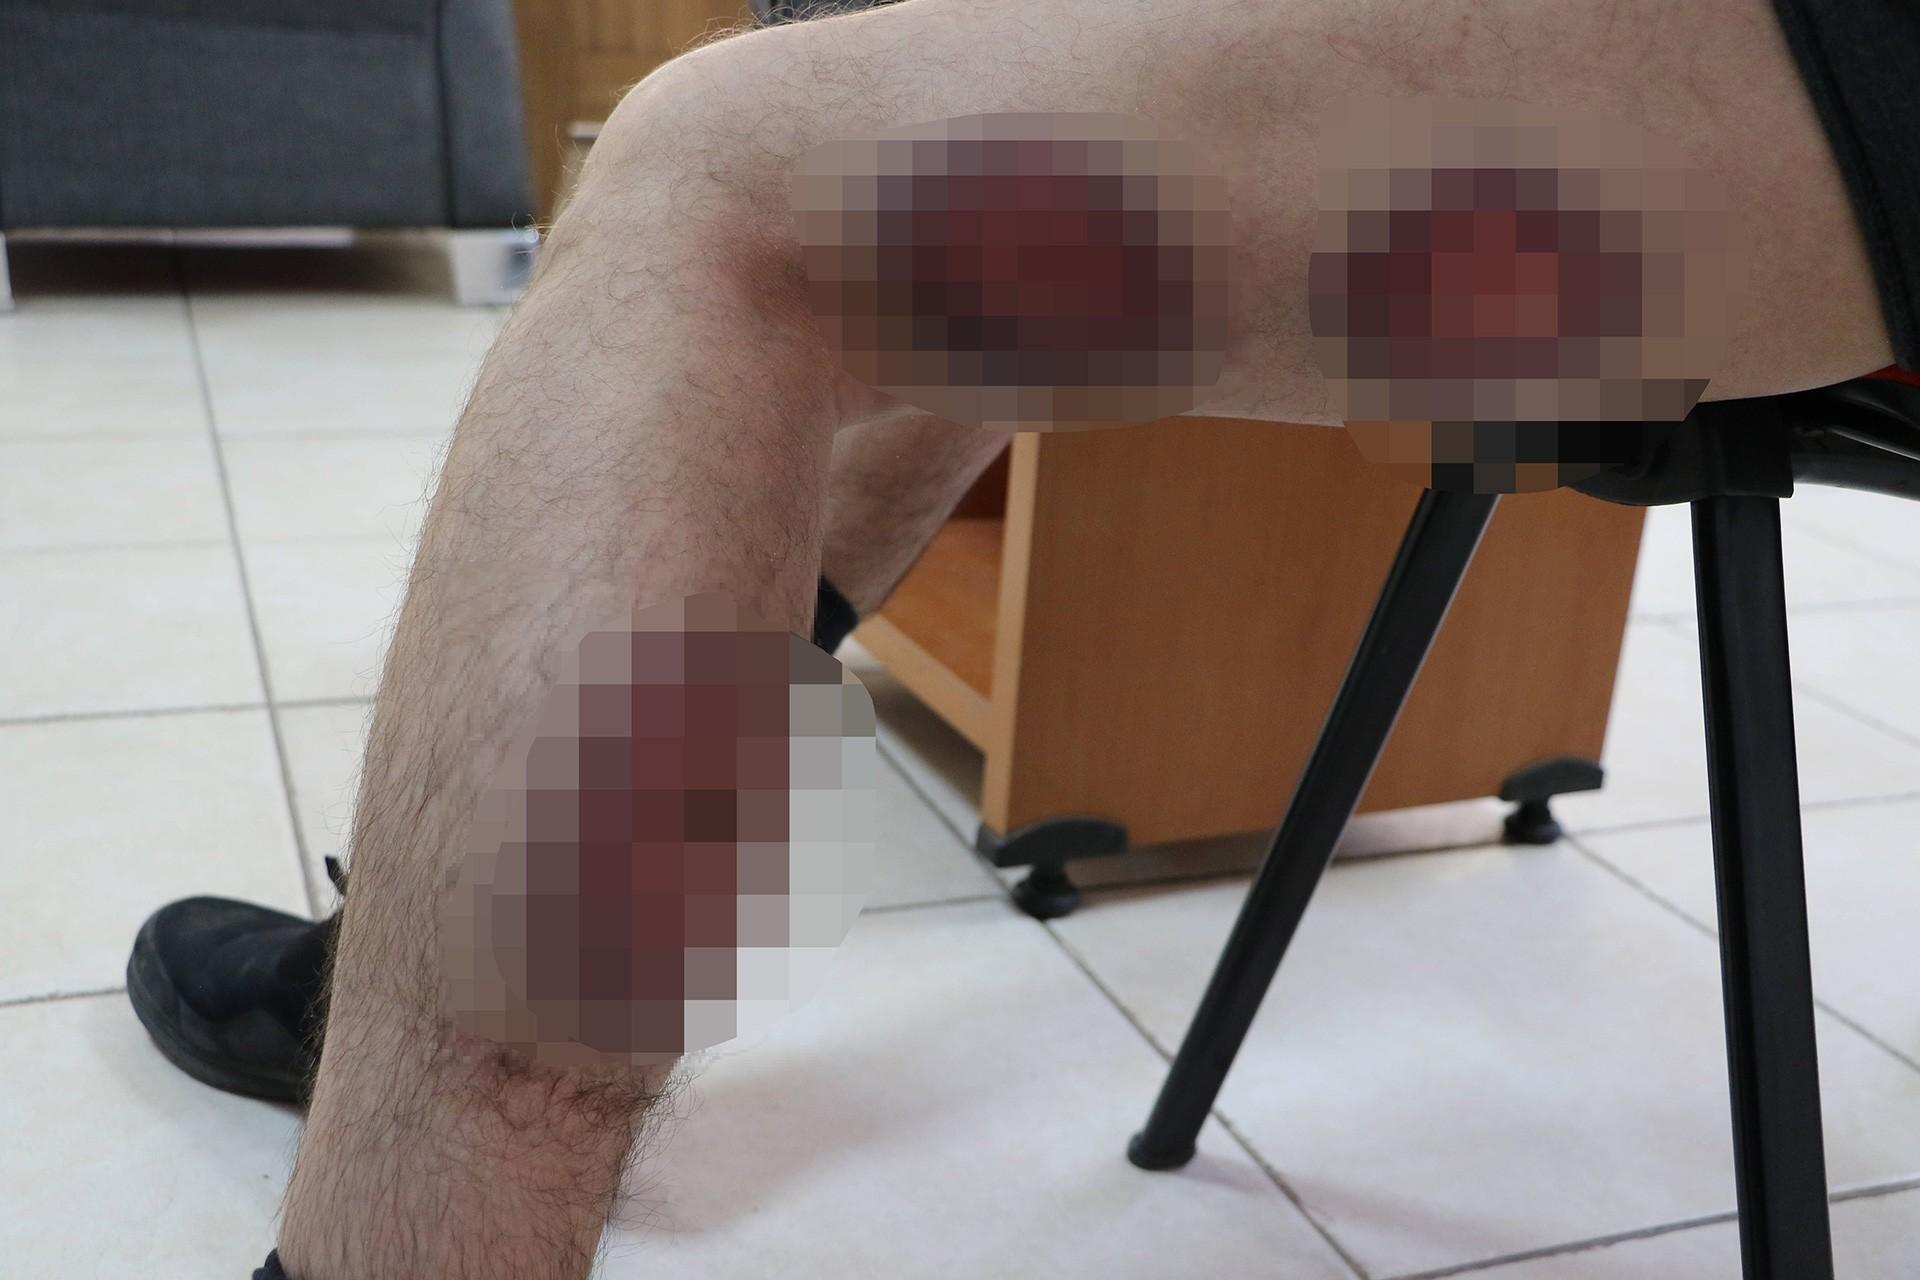 Polisin sıktığı plastik mermi sonucunda bacaklarında ödem oluştu